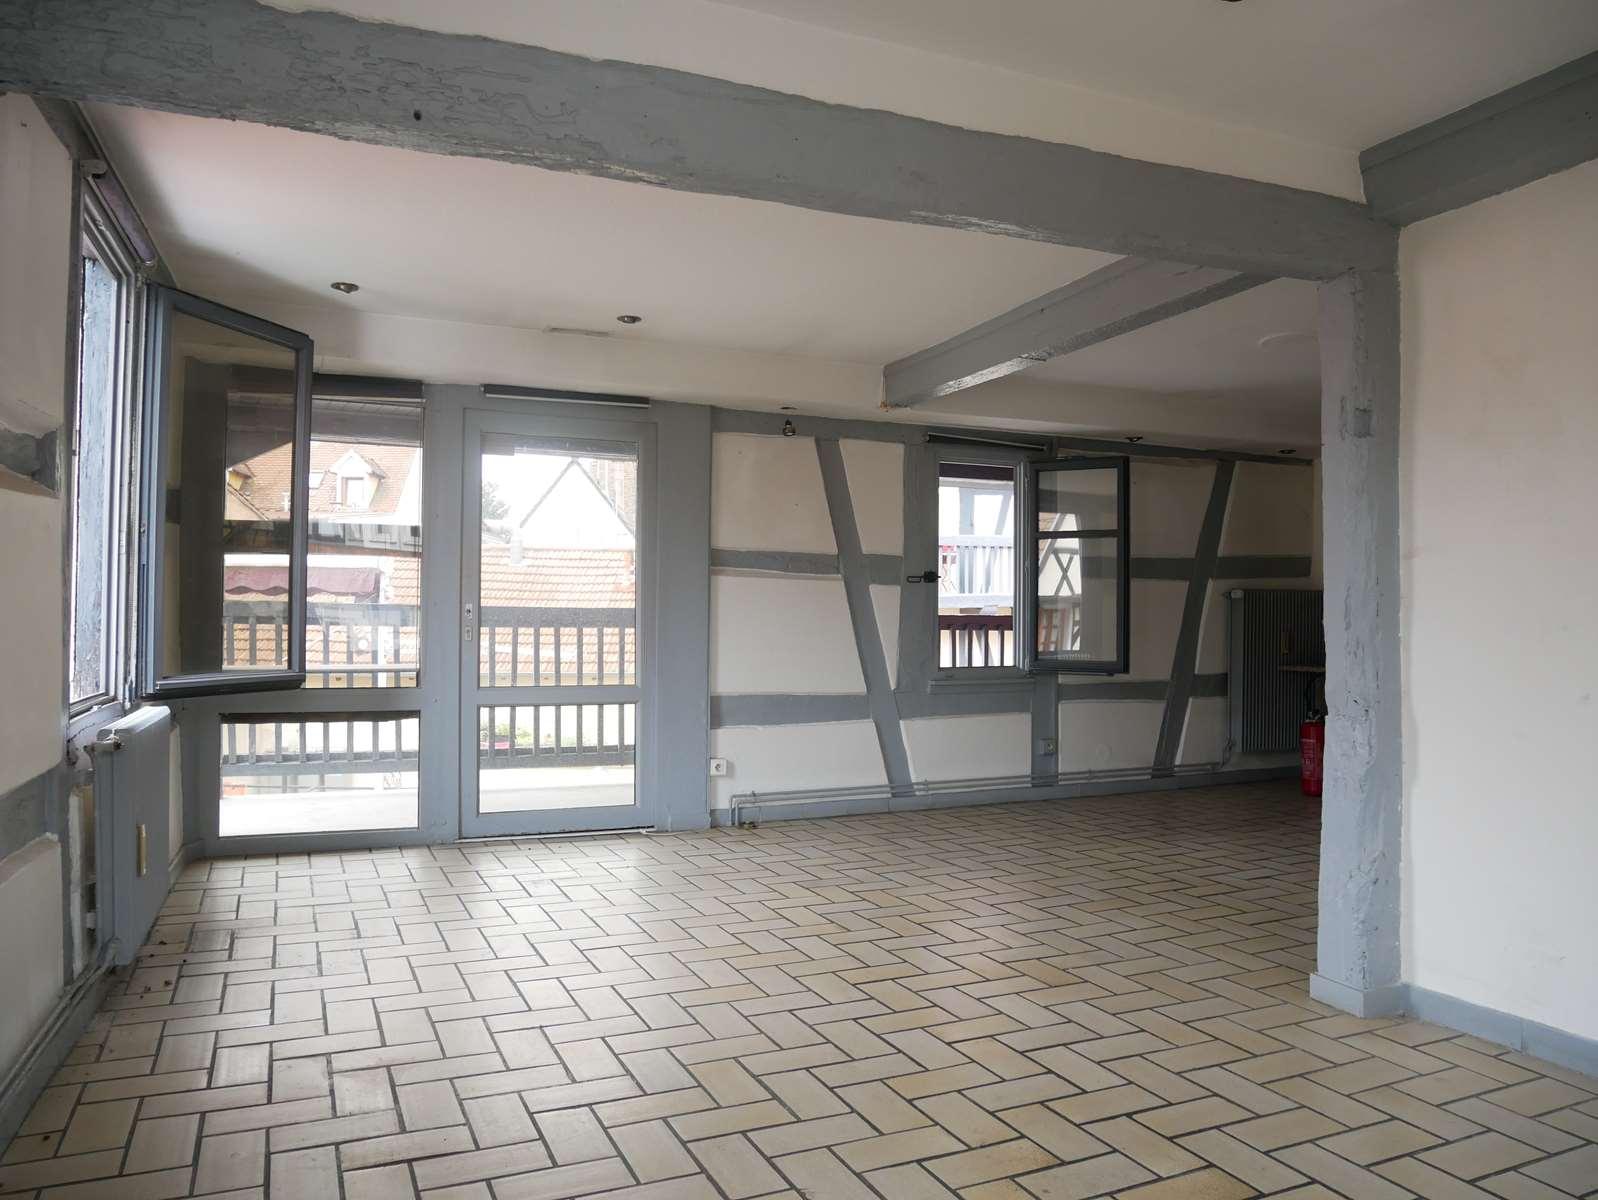 Très beaux murs commerciaux - Brumath centre / place de la Liberté - nos ventes - Beausite Immobilier 10